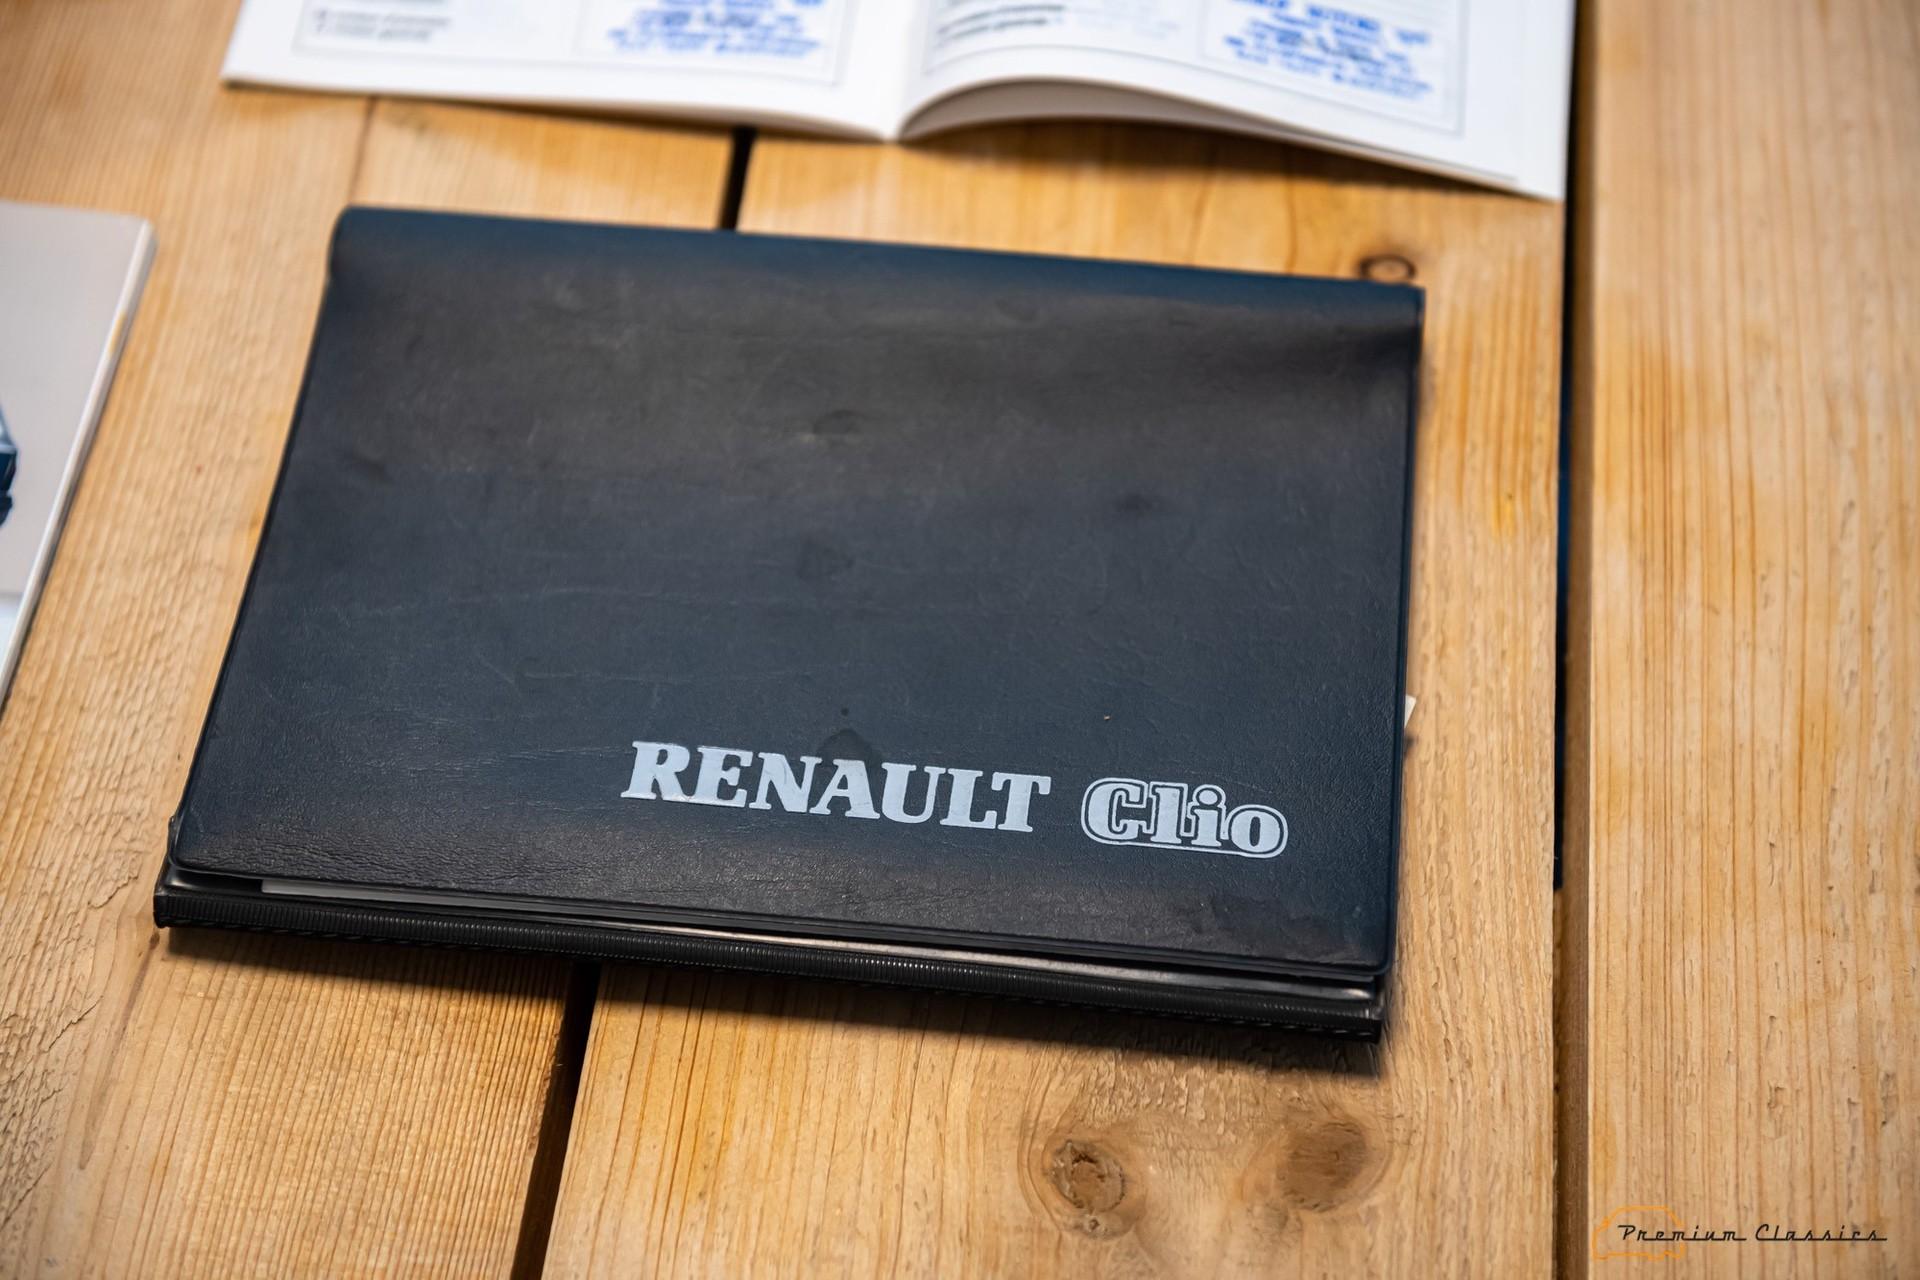 Renault_Clio_Williams_sale-0064